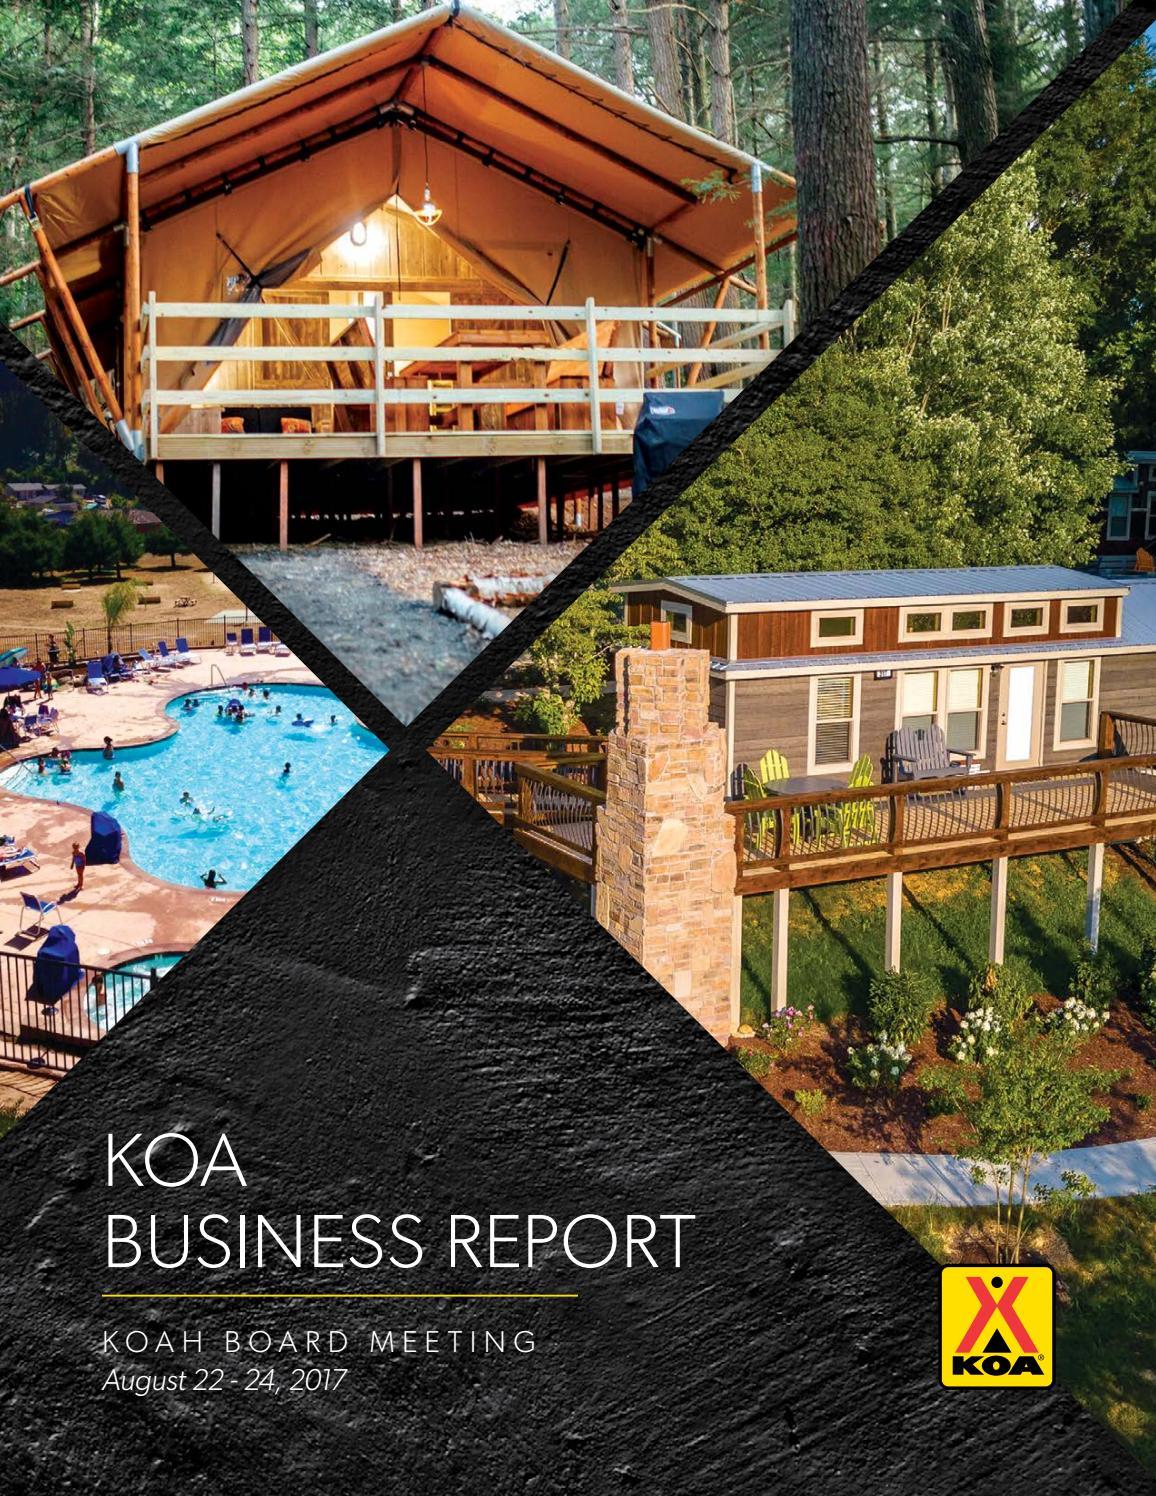 KOA Business Report August 2017